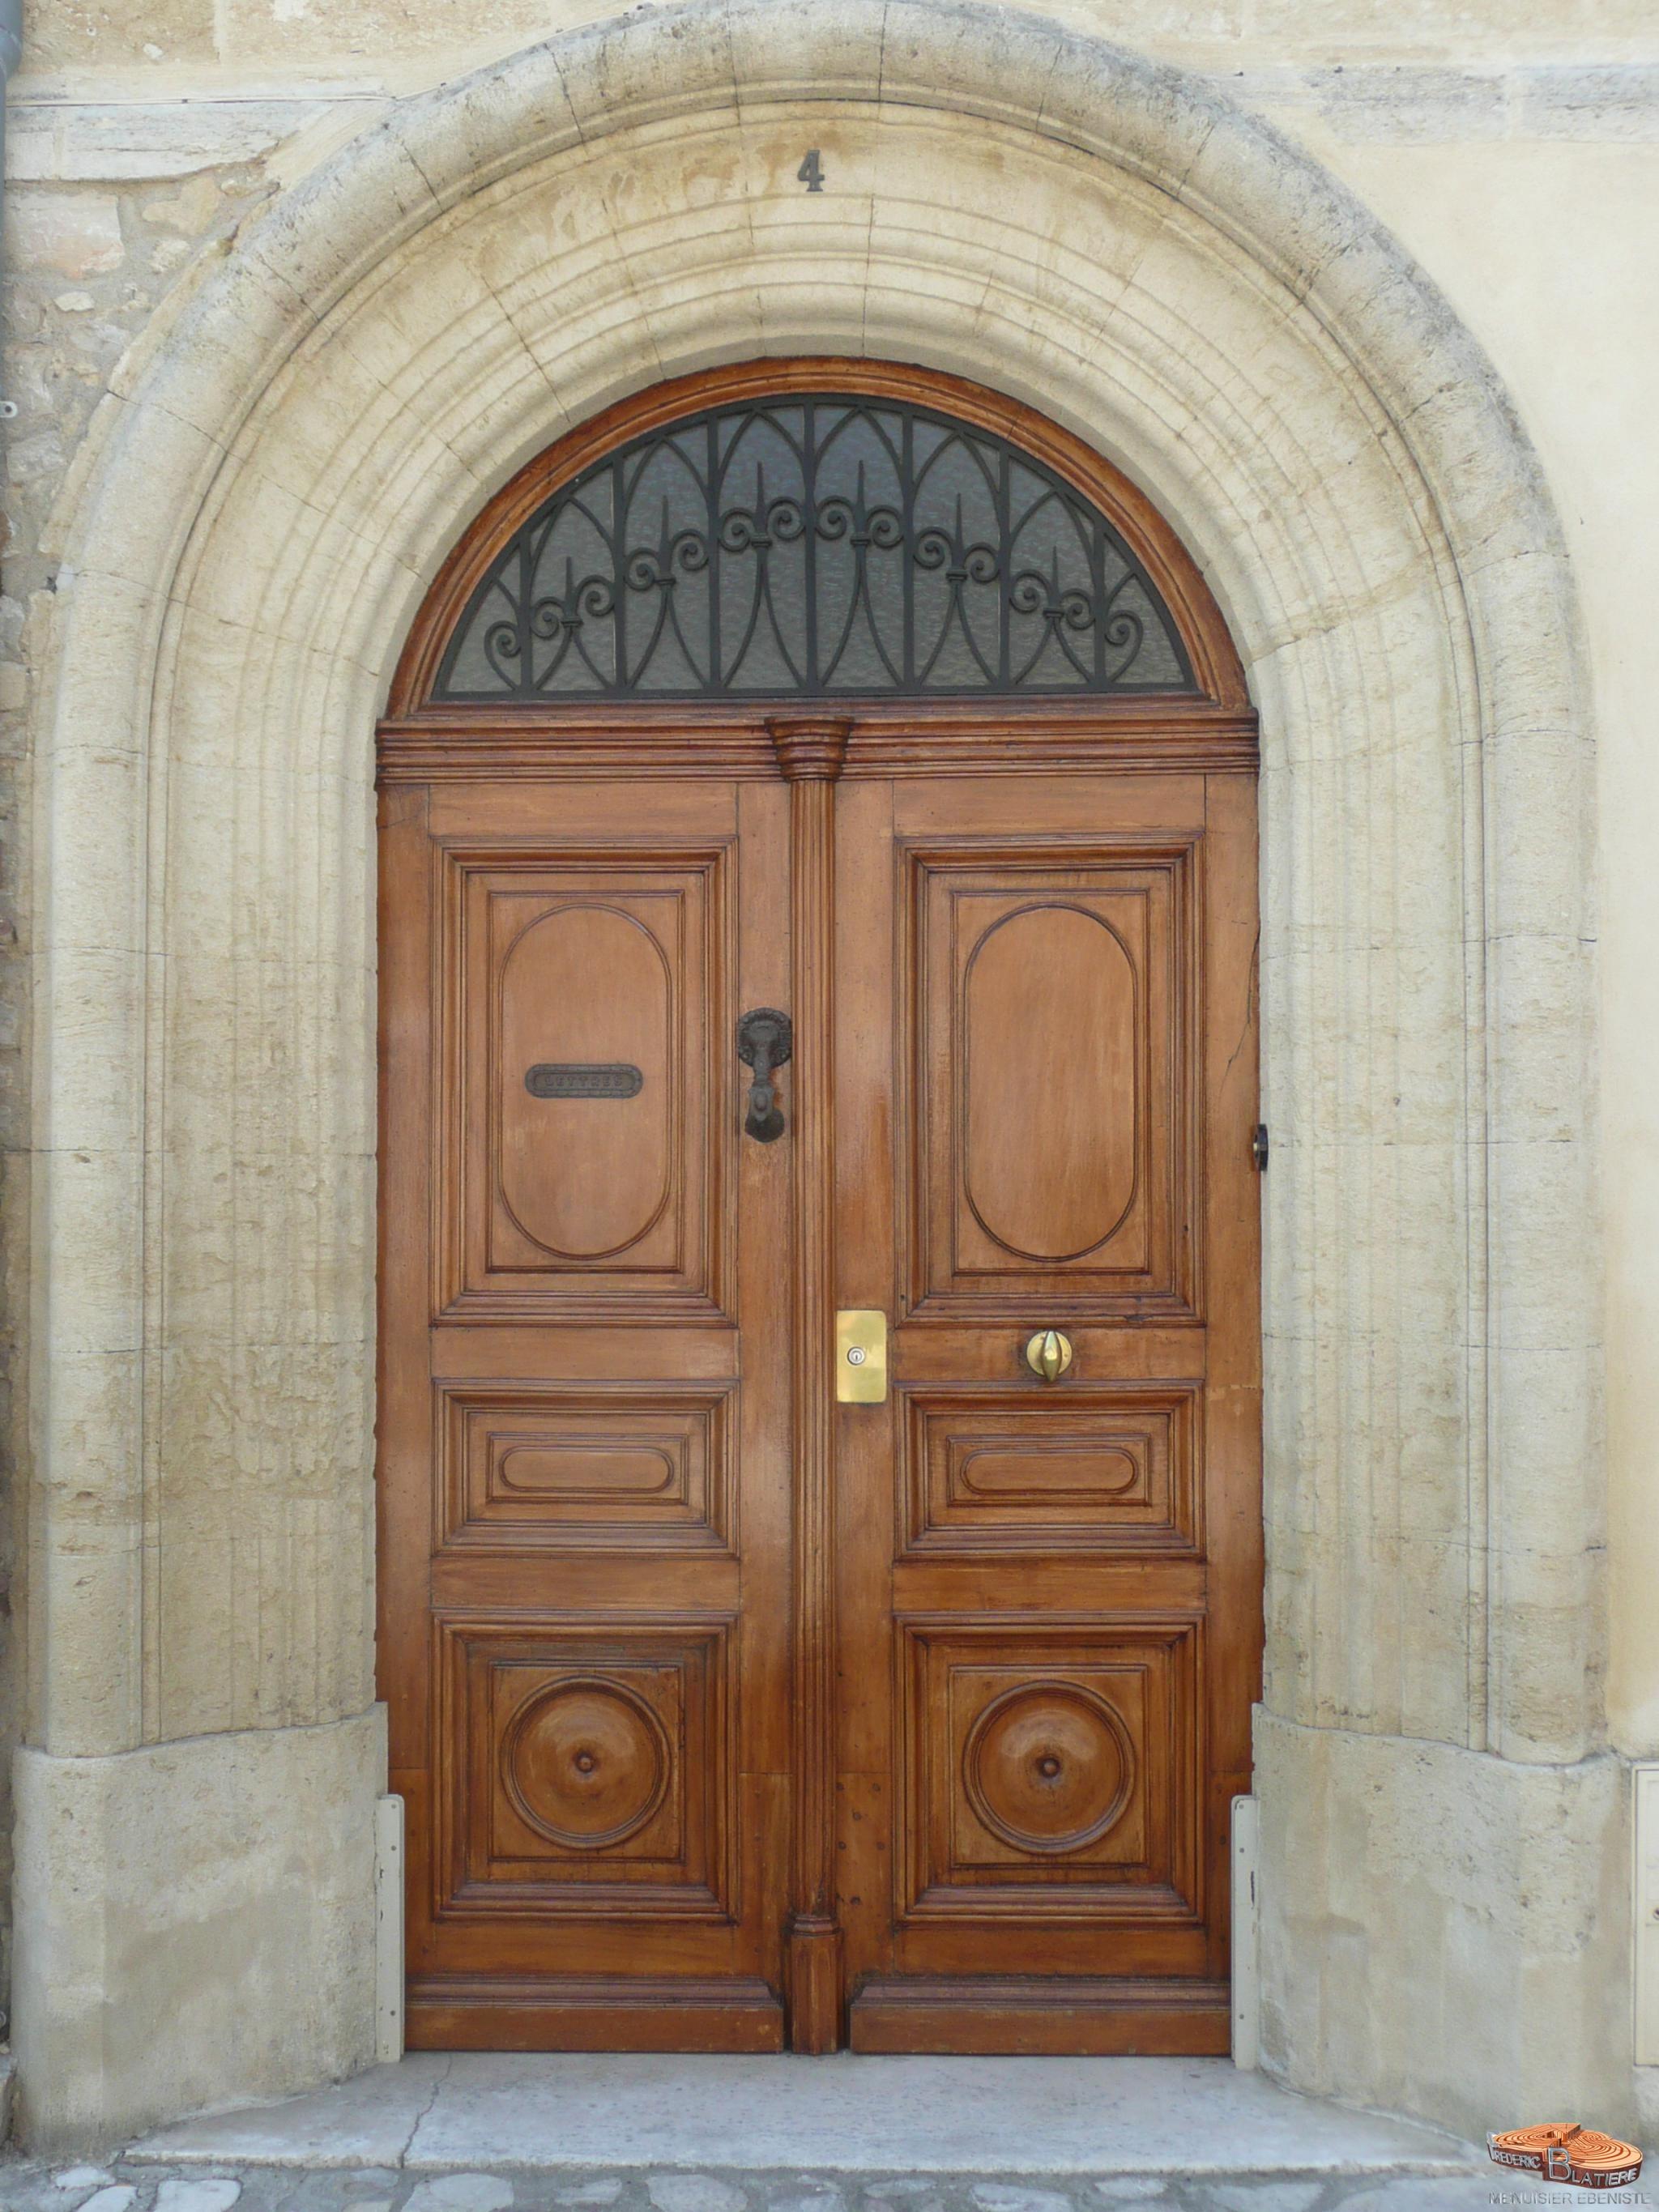 Restauration Du Bas Du0027une Très Belle Porte Du0027entrée En Noyer. Les Parties  Abîmées Ont été Remplacées Dans Les Règles De Lu0027art.